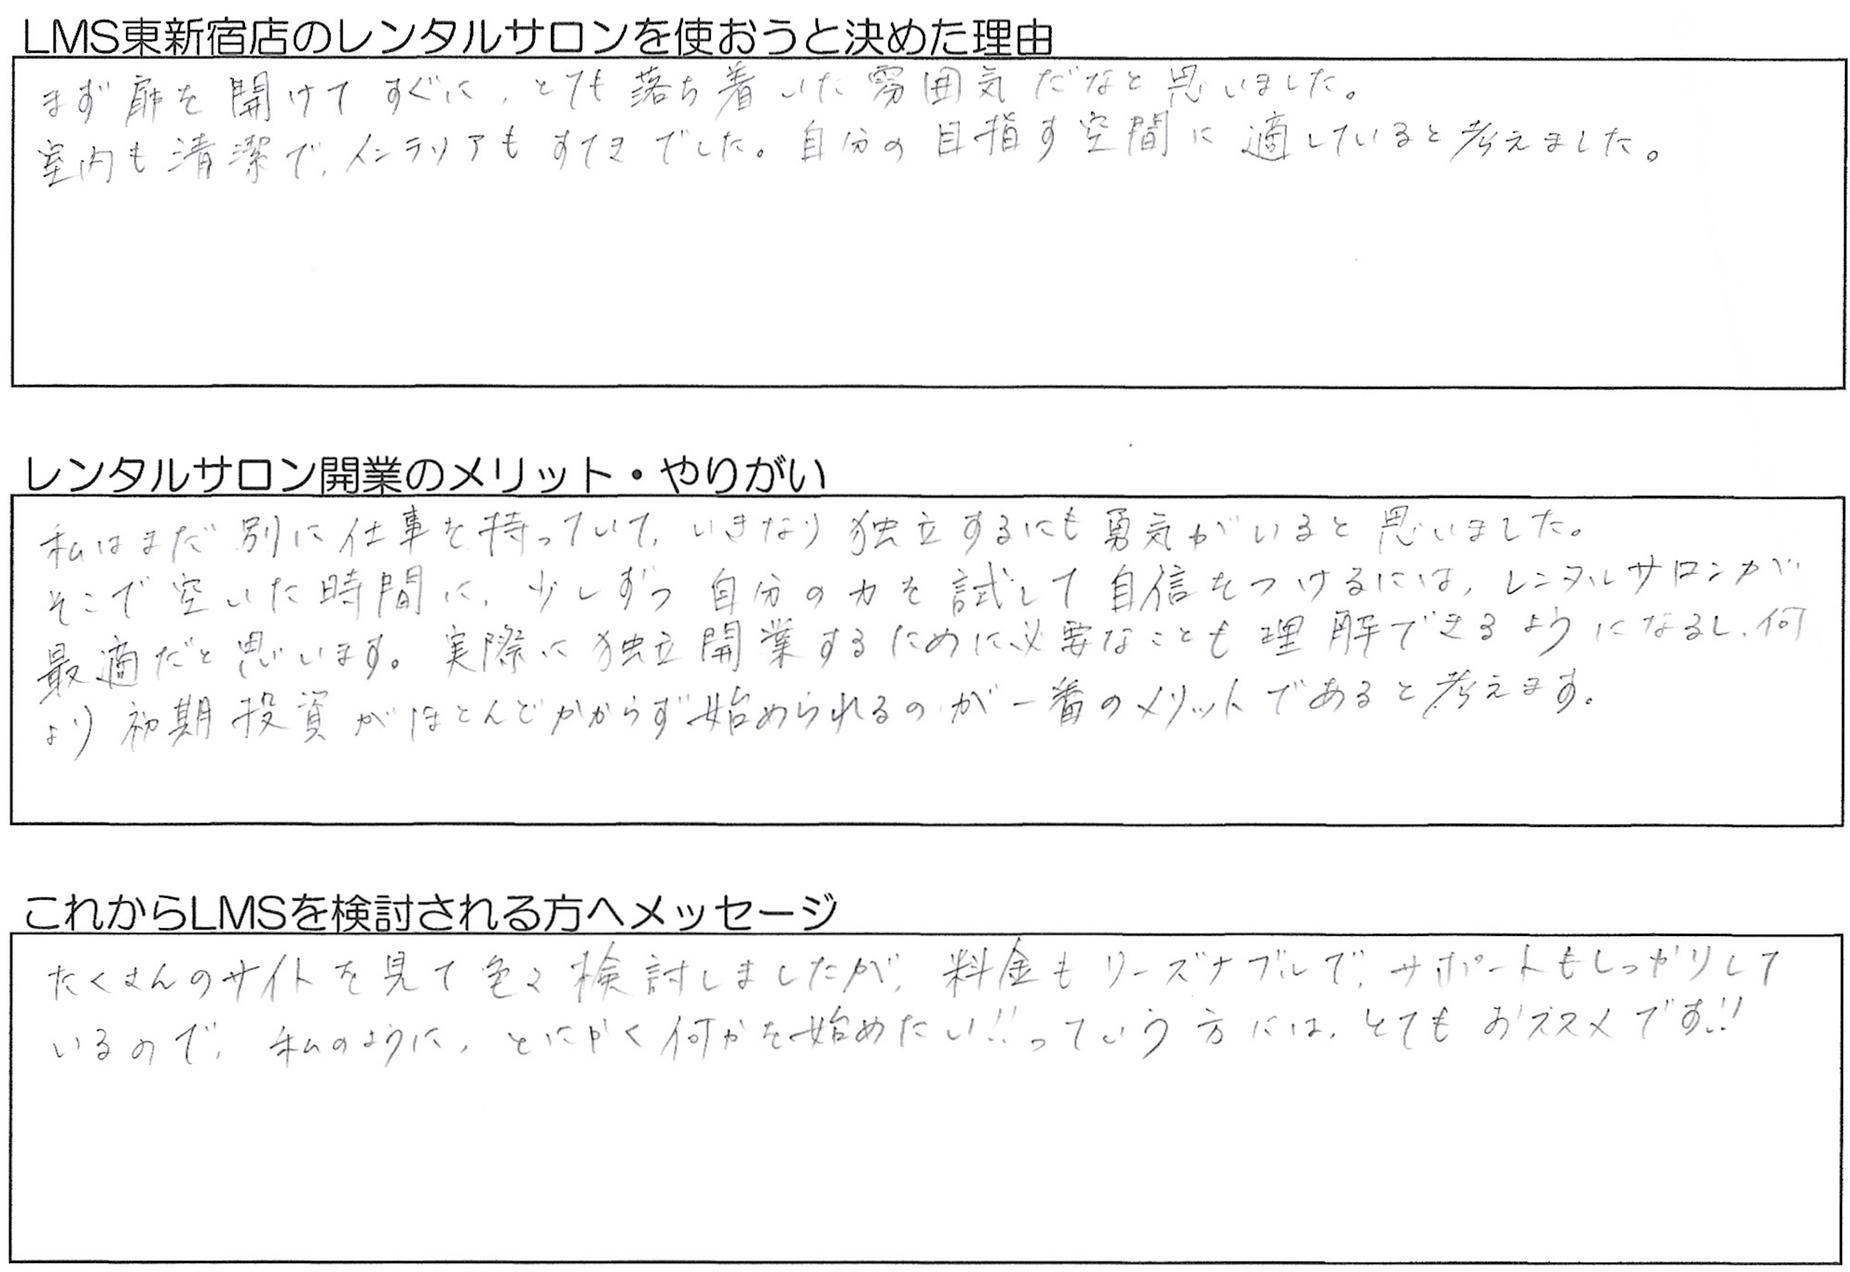 横浜駅レンタルサロンシェアスクール開業